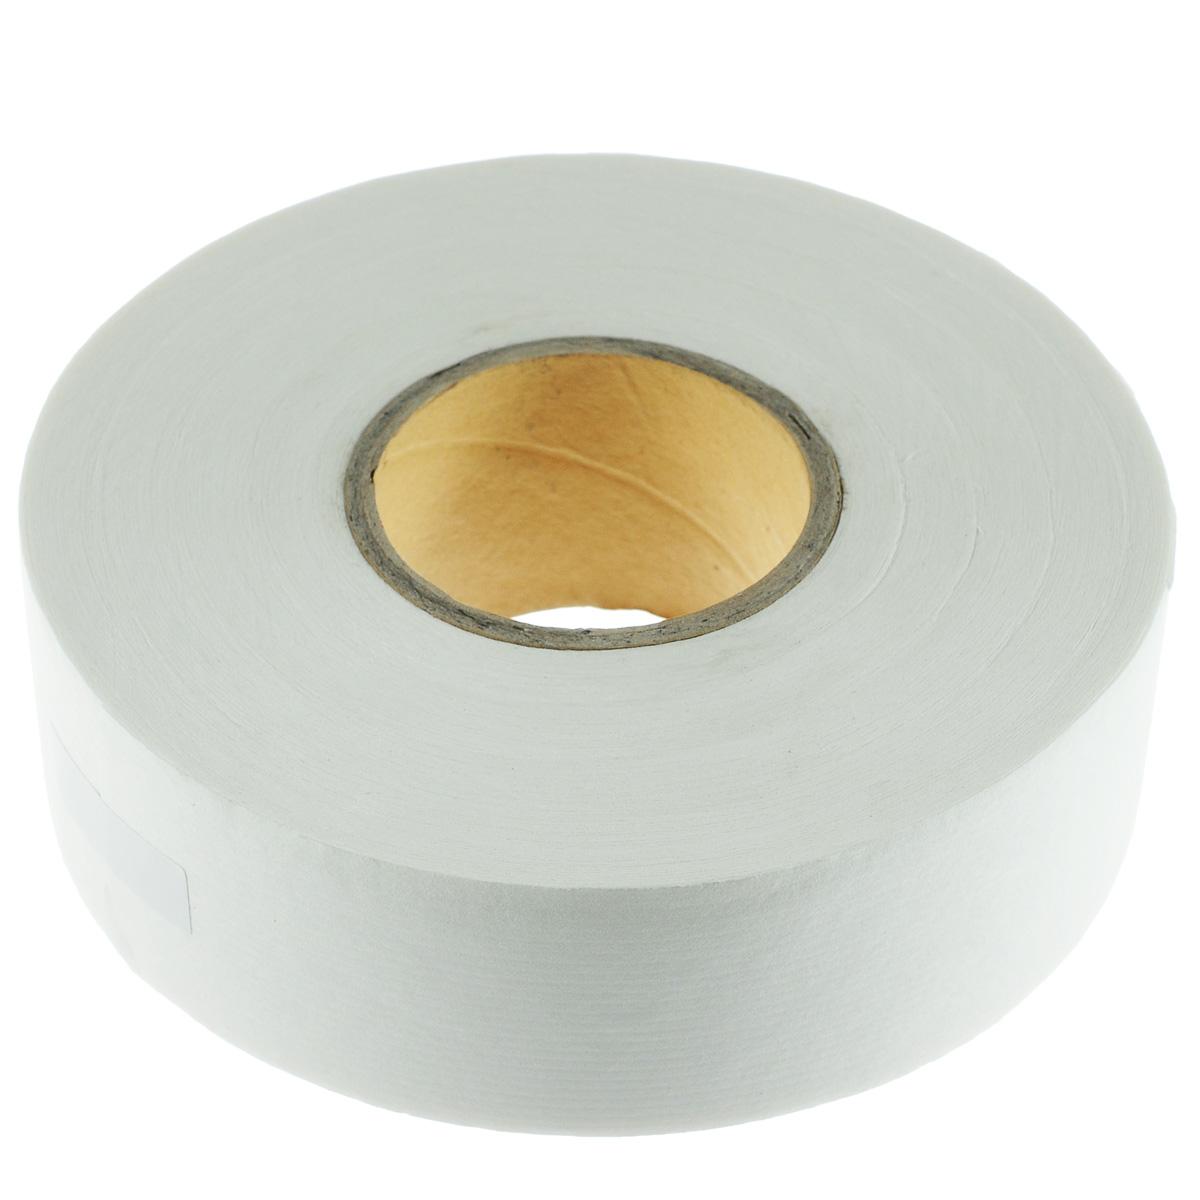 Лента клеевая Prym Паутинка, цвет: белый, ширина 4 см, длина 50 м968181Клеевая лента Prym, изготовленная из полиамида, предназначена для усиления швов и подгибов изделия. Лента оснащена бумажным защитным слоем. Используется на трикотажных и эластичных тканях, препятствует деформации и растяжению. Ширина: 4 см.Длина: 50 м.